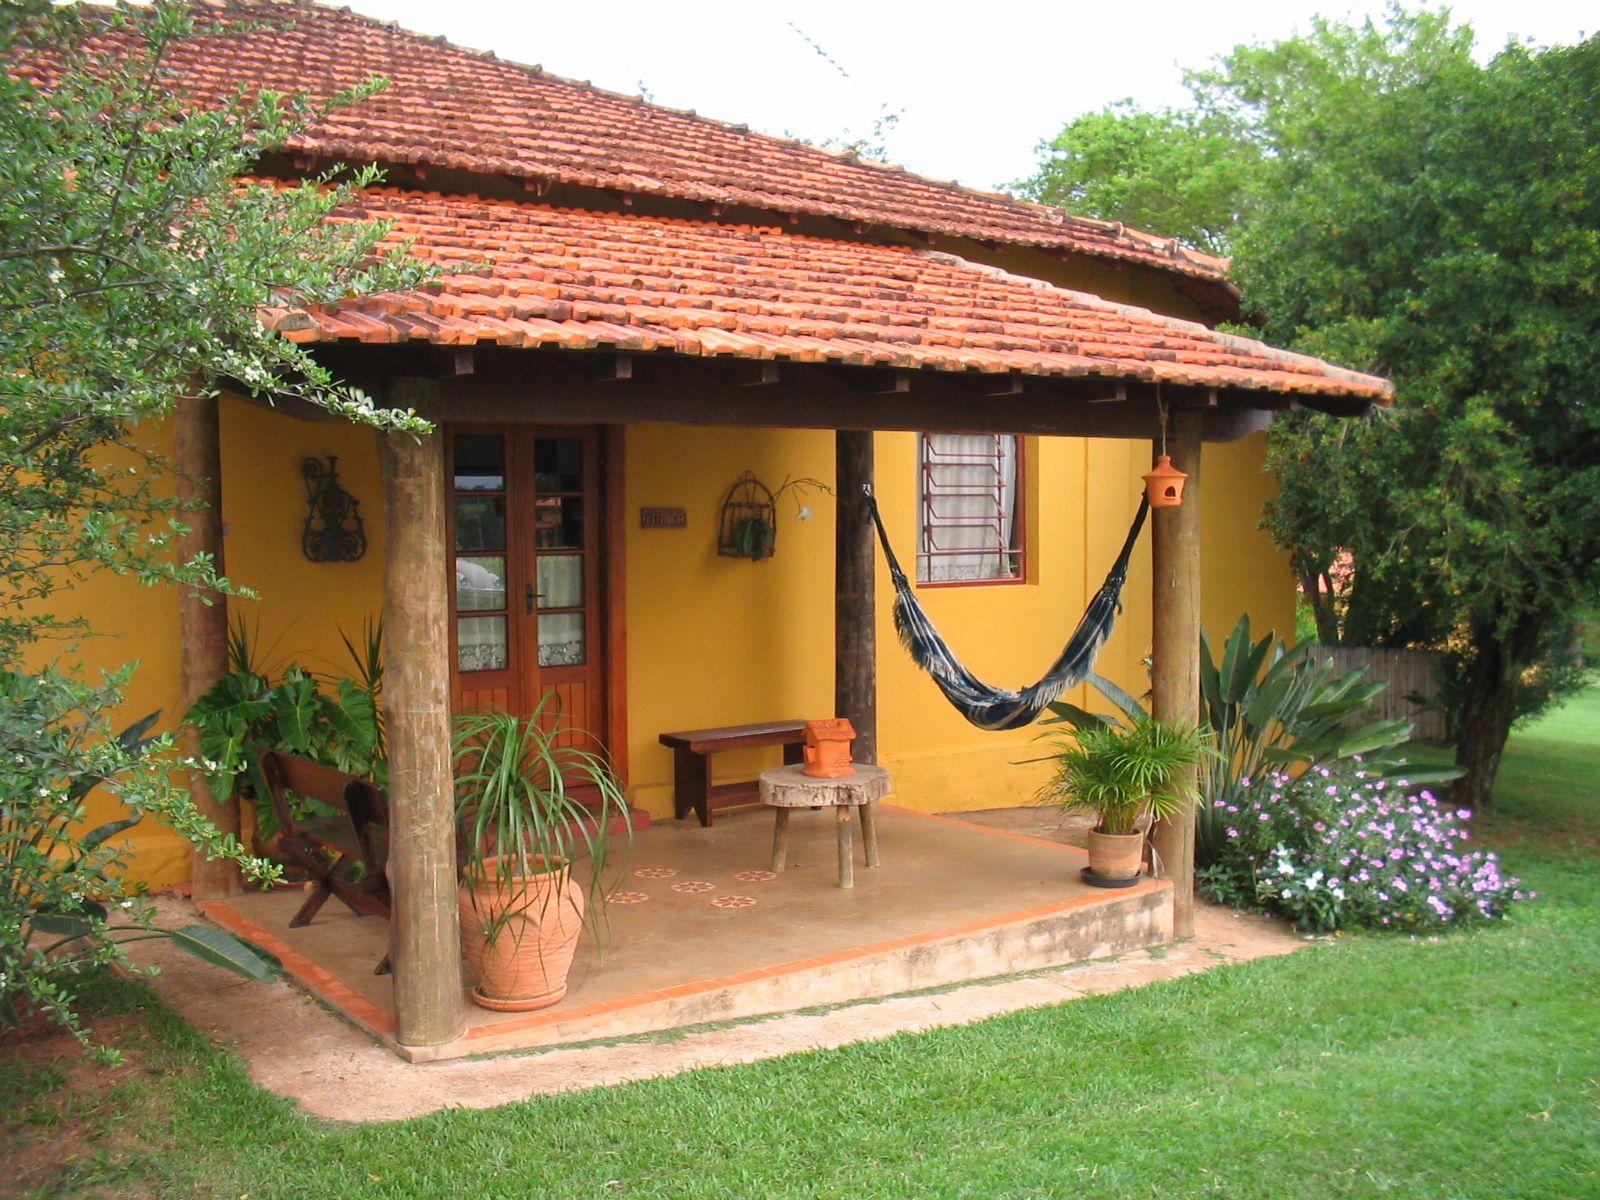 Pousada rural bem pequena pesquisa google casas de - Casas de madera pequenas ...